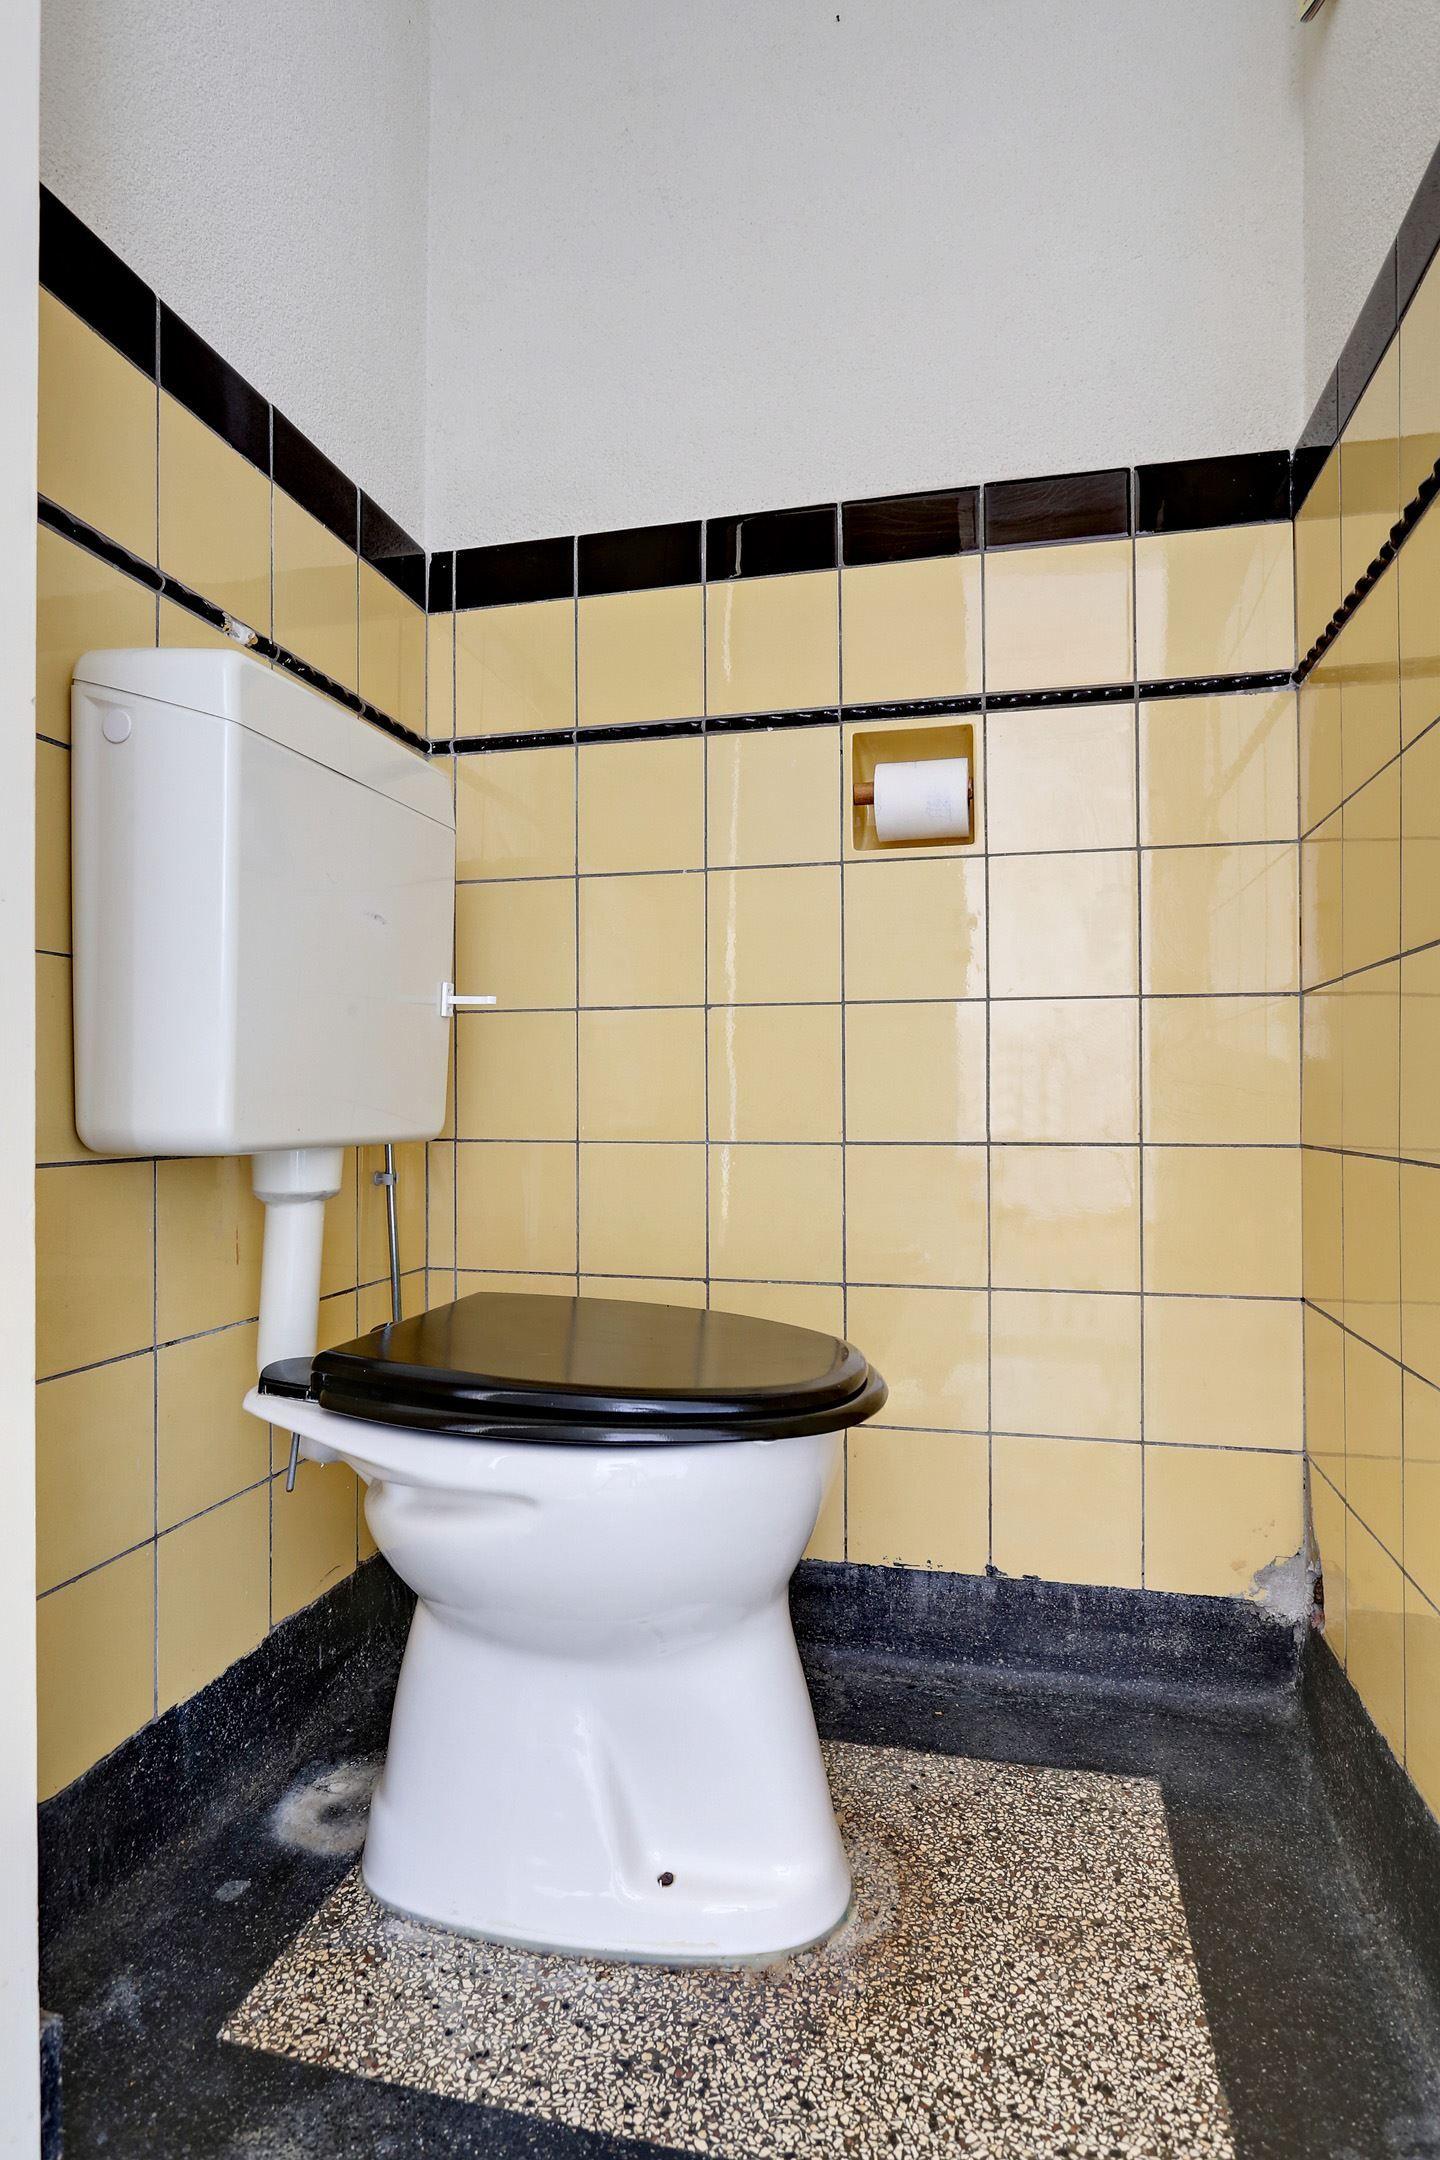 Wonderlijk Jaren30woningen.nl | Toilet in jaren 30 stijl (met afbeeldingen YY-47